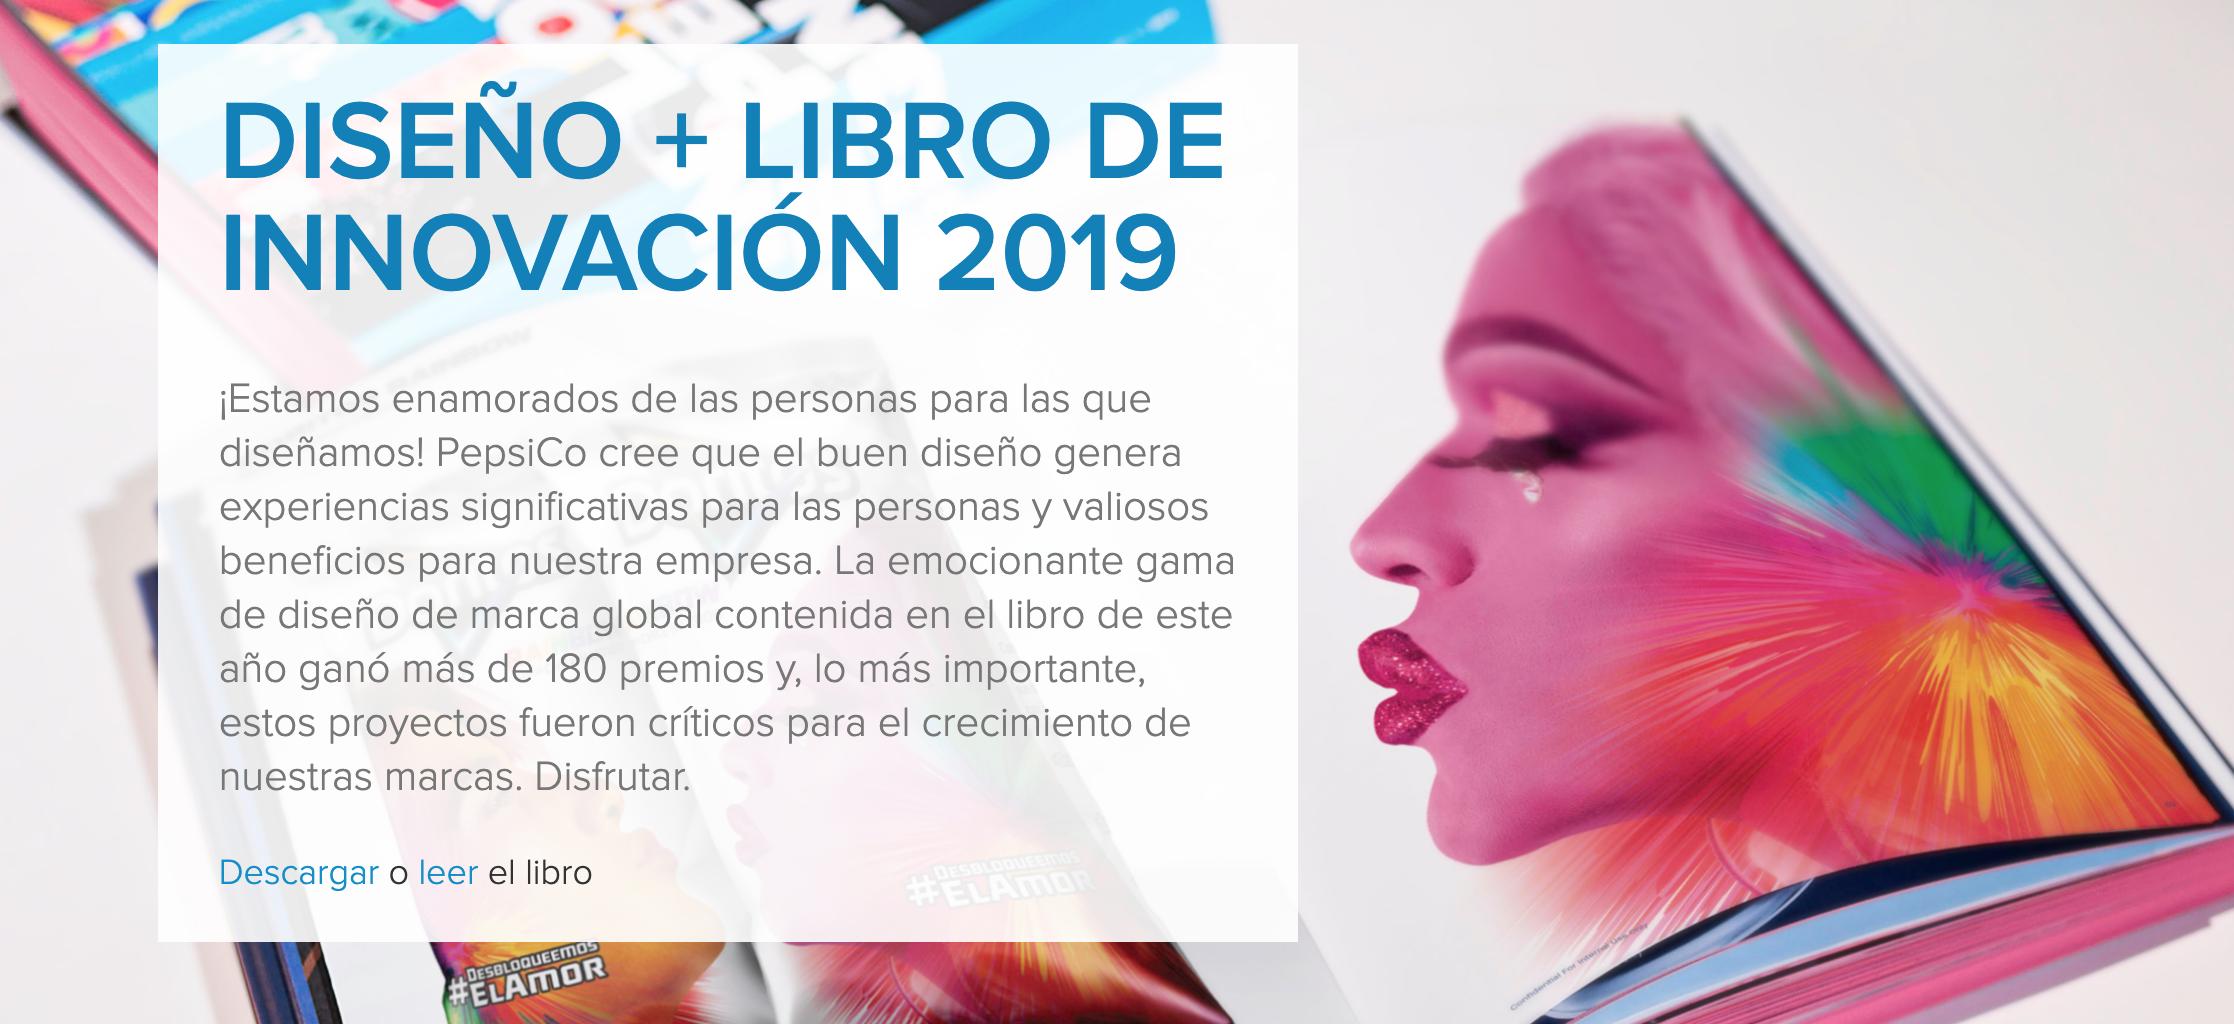 DISEÑO + LIBRO DE INNOVACIÓN 2019